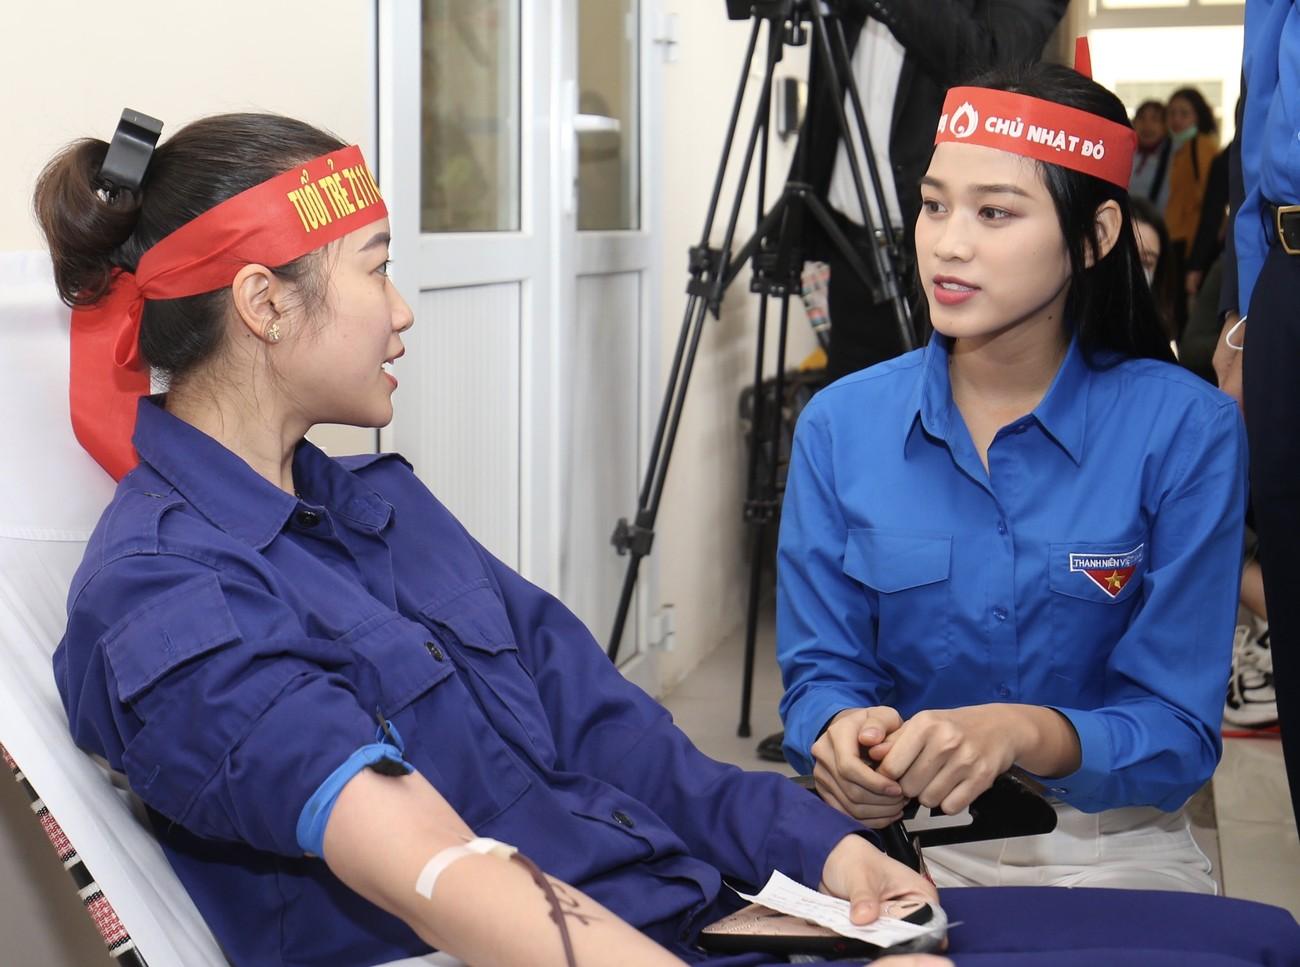 Những hình ảnh đẹp rạng rỡ của Hoa hậu Đỗ Thị Hà trong hành trình Chủ nhật Đỏ 2021 ảnh 4